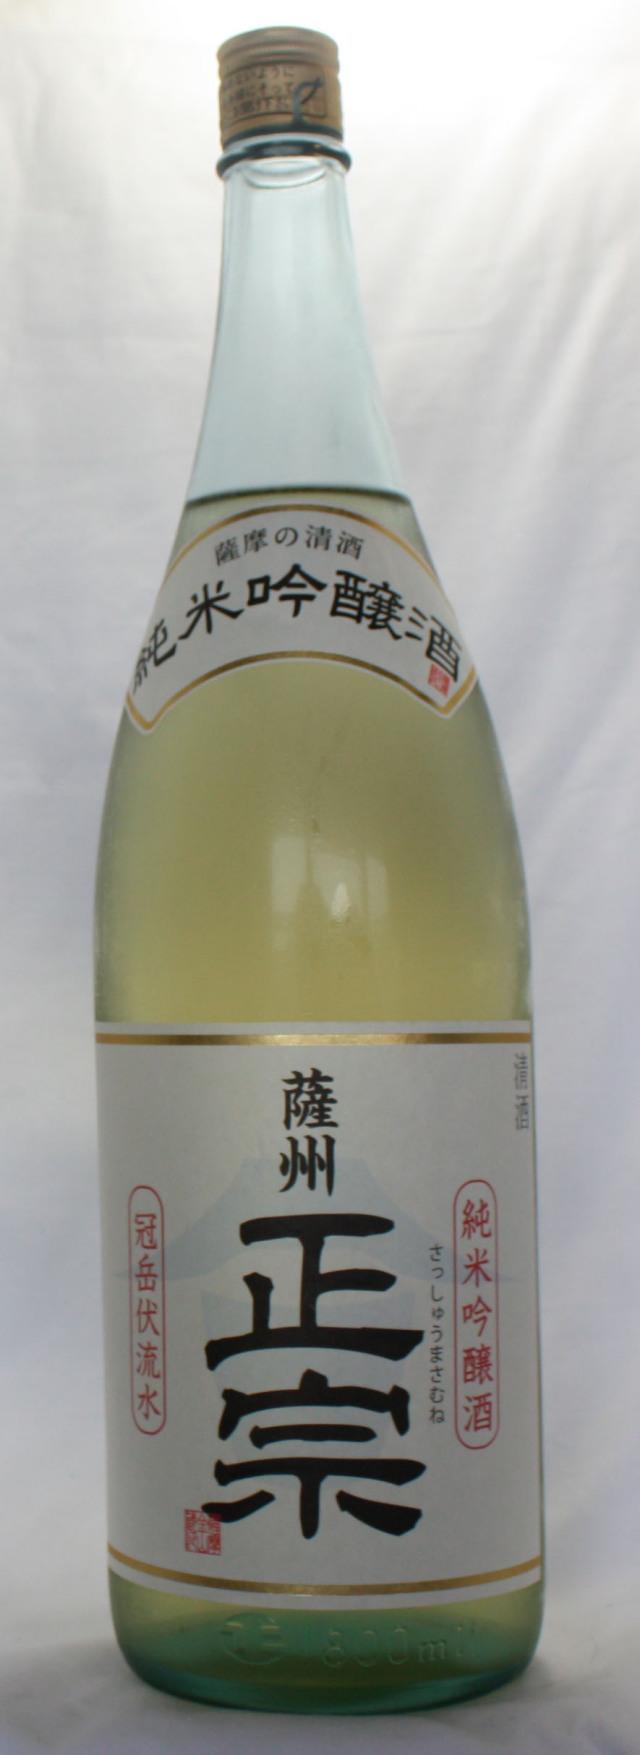 薩州正宗純米吟醸 1800ml